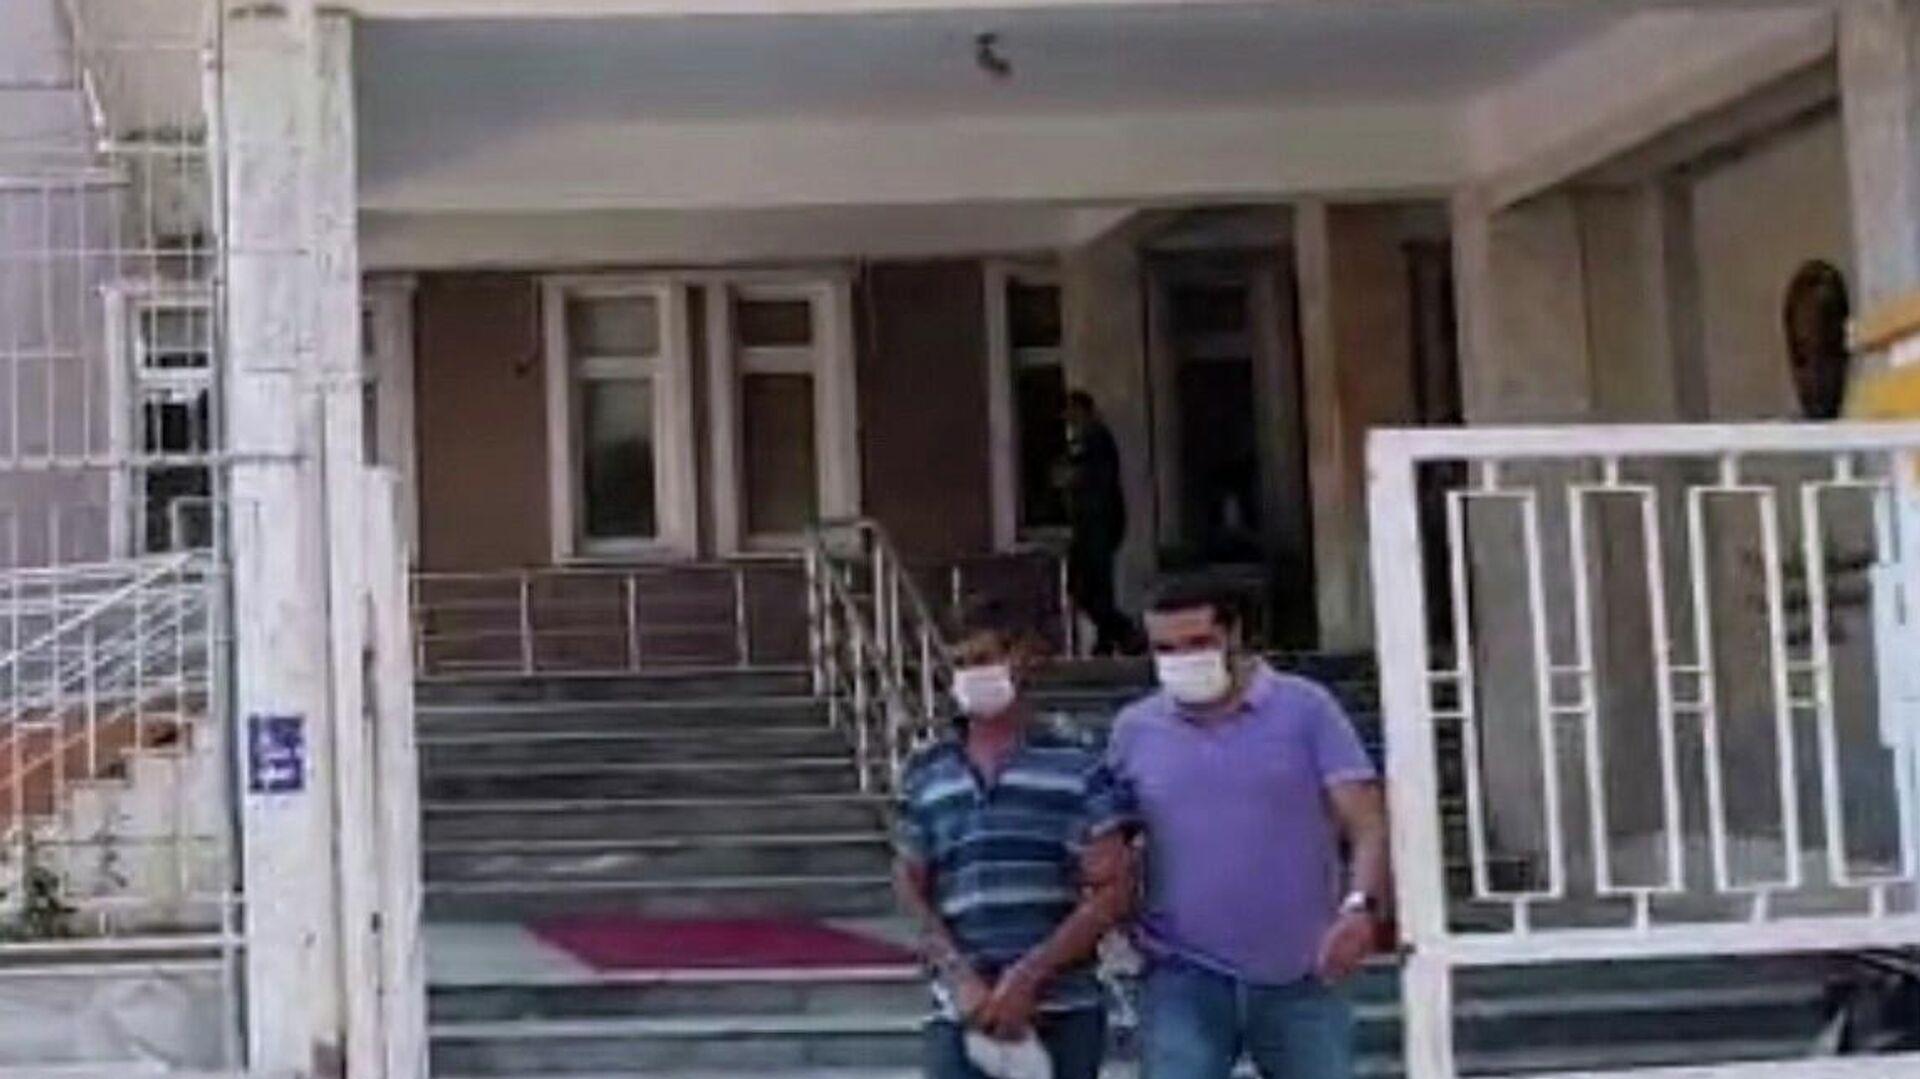 Manisa'da 6 ve 8 yaşındaki iki kız çocuğuna cinsel istismarda bulunan şahıs tutuklandı - Sputnik Türkiye, 1920, 15.09.2021